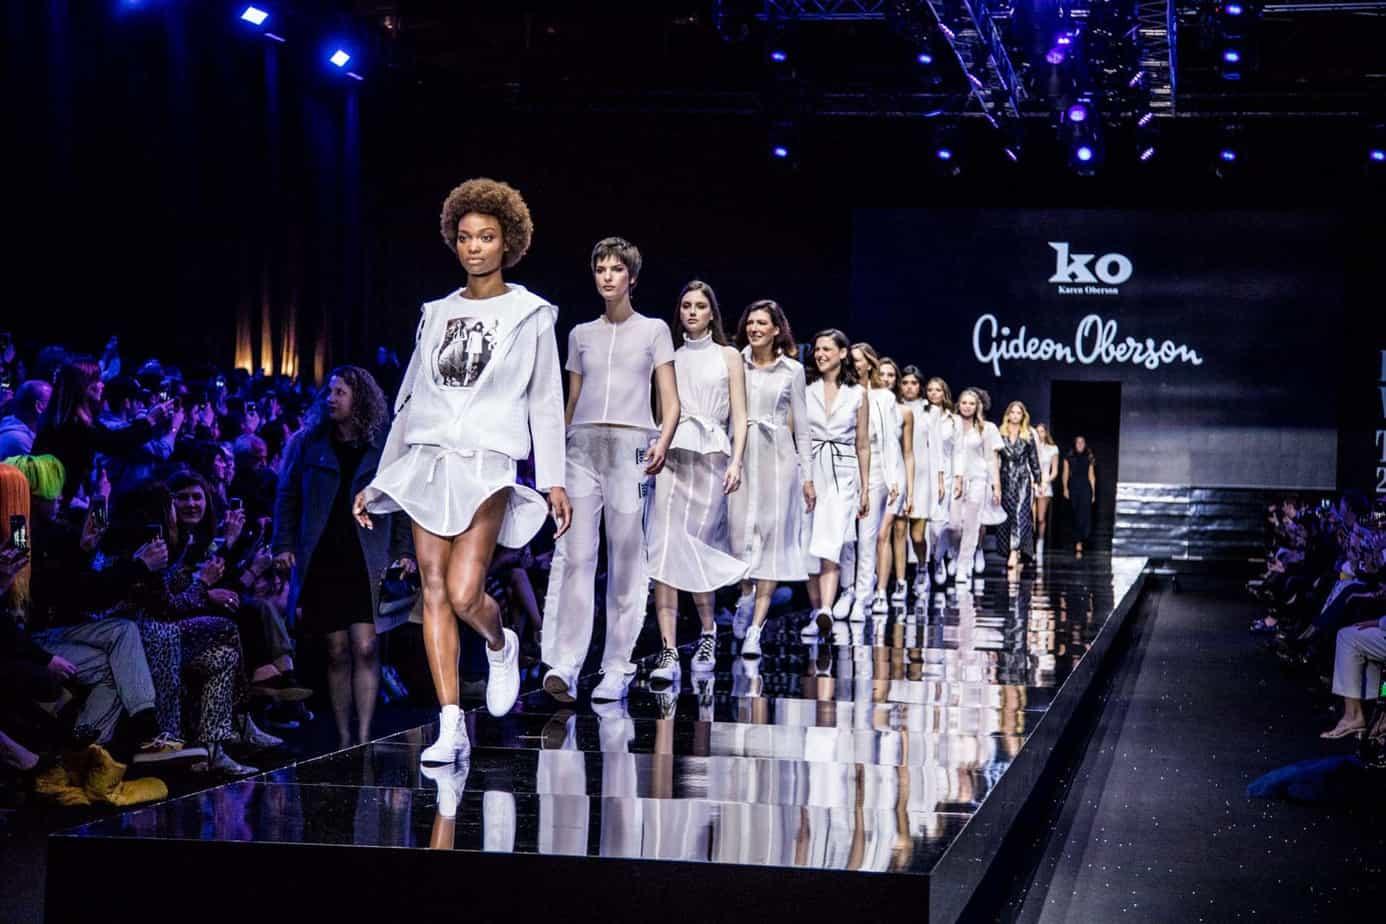 גדעון אוברזון, שבוע האופנה תל אביב 2019, צילום אלכס פרגמנט - 1